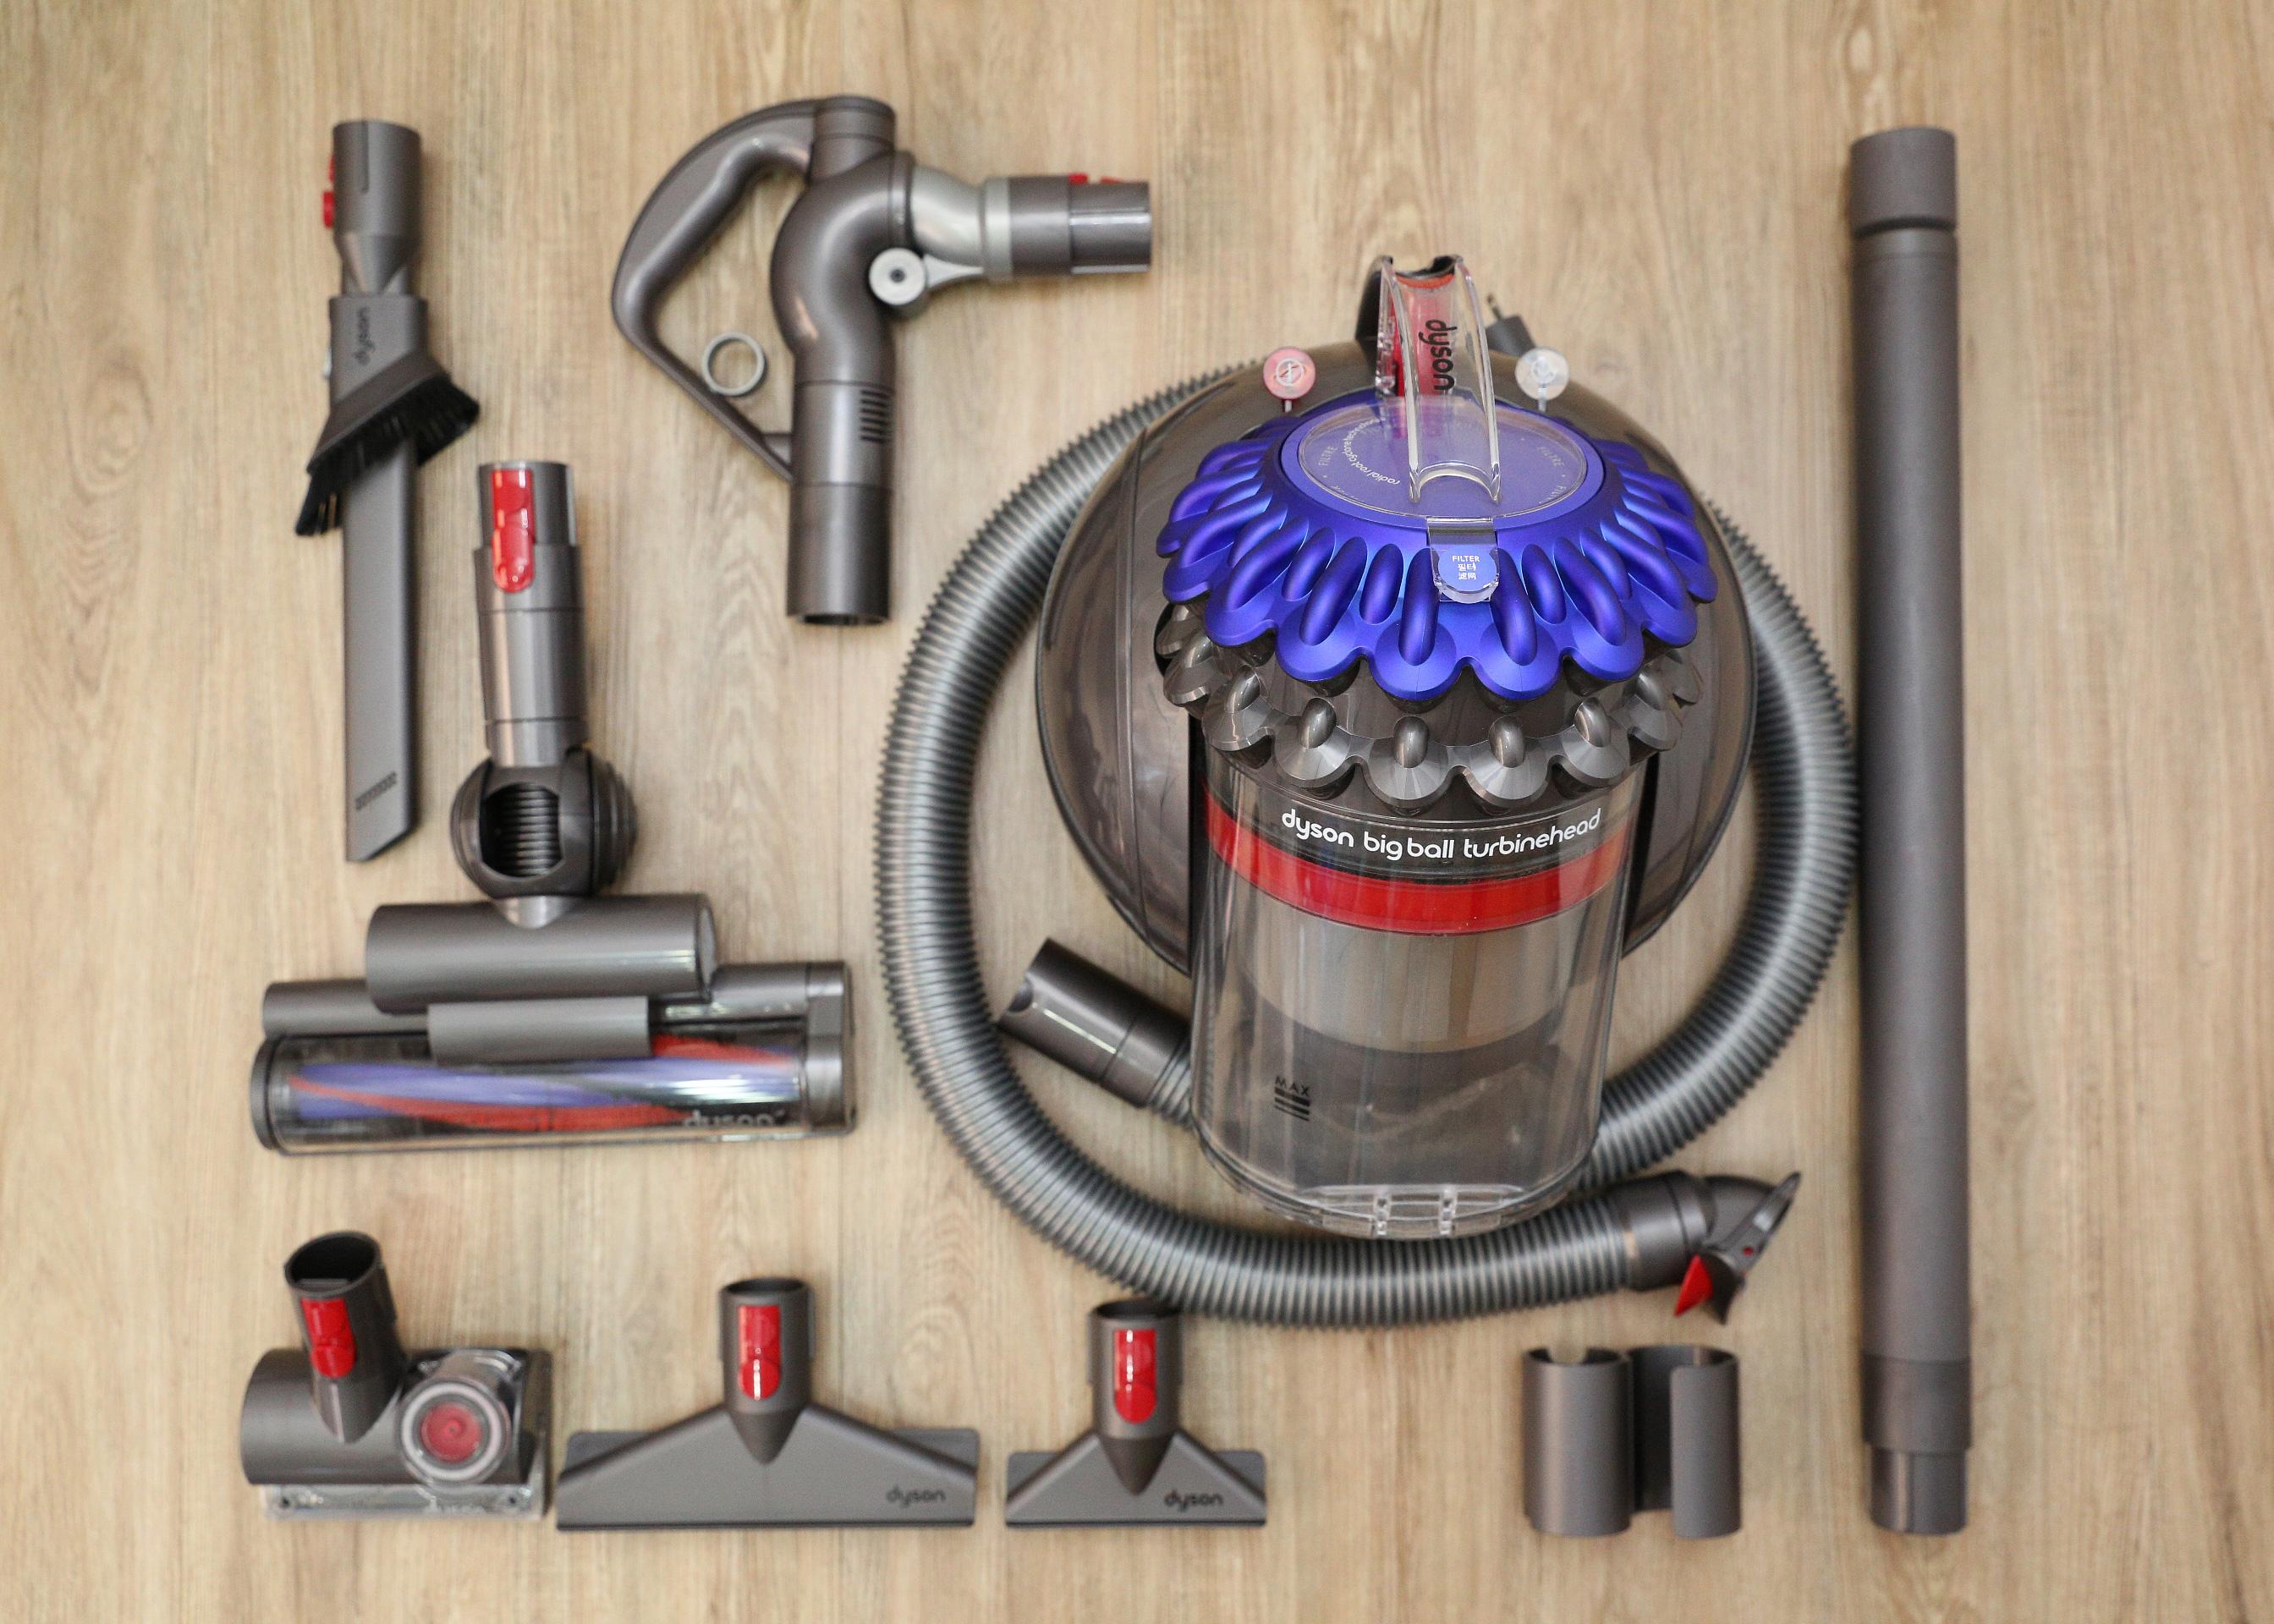 【生活】Dyson Big Ball Turbinehead CY23吸塵器─專利氣旋集塵技術讓家裡一塵不染 @ 露易絲♥夢遊仙境 :: 痞客邦